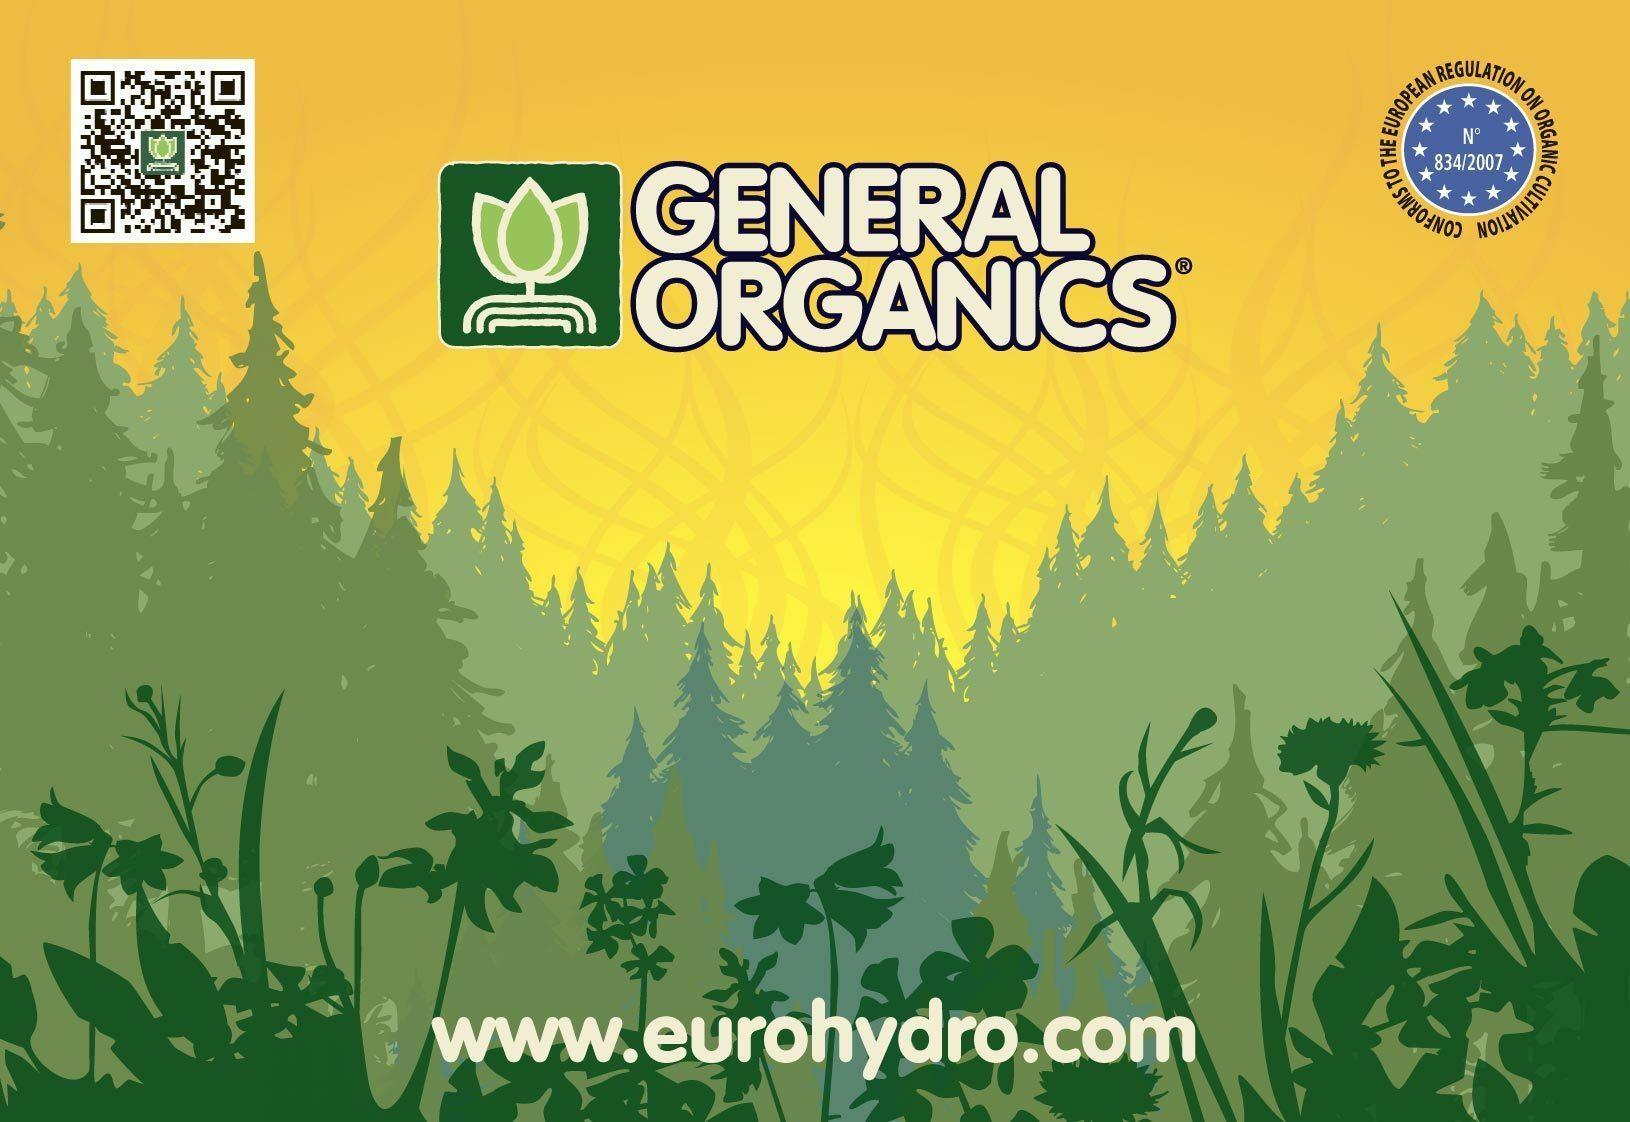 Комплект органических удобрений General Organics